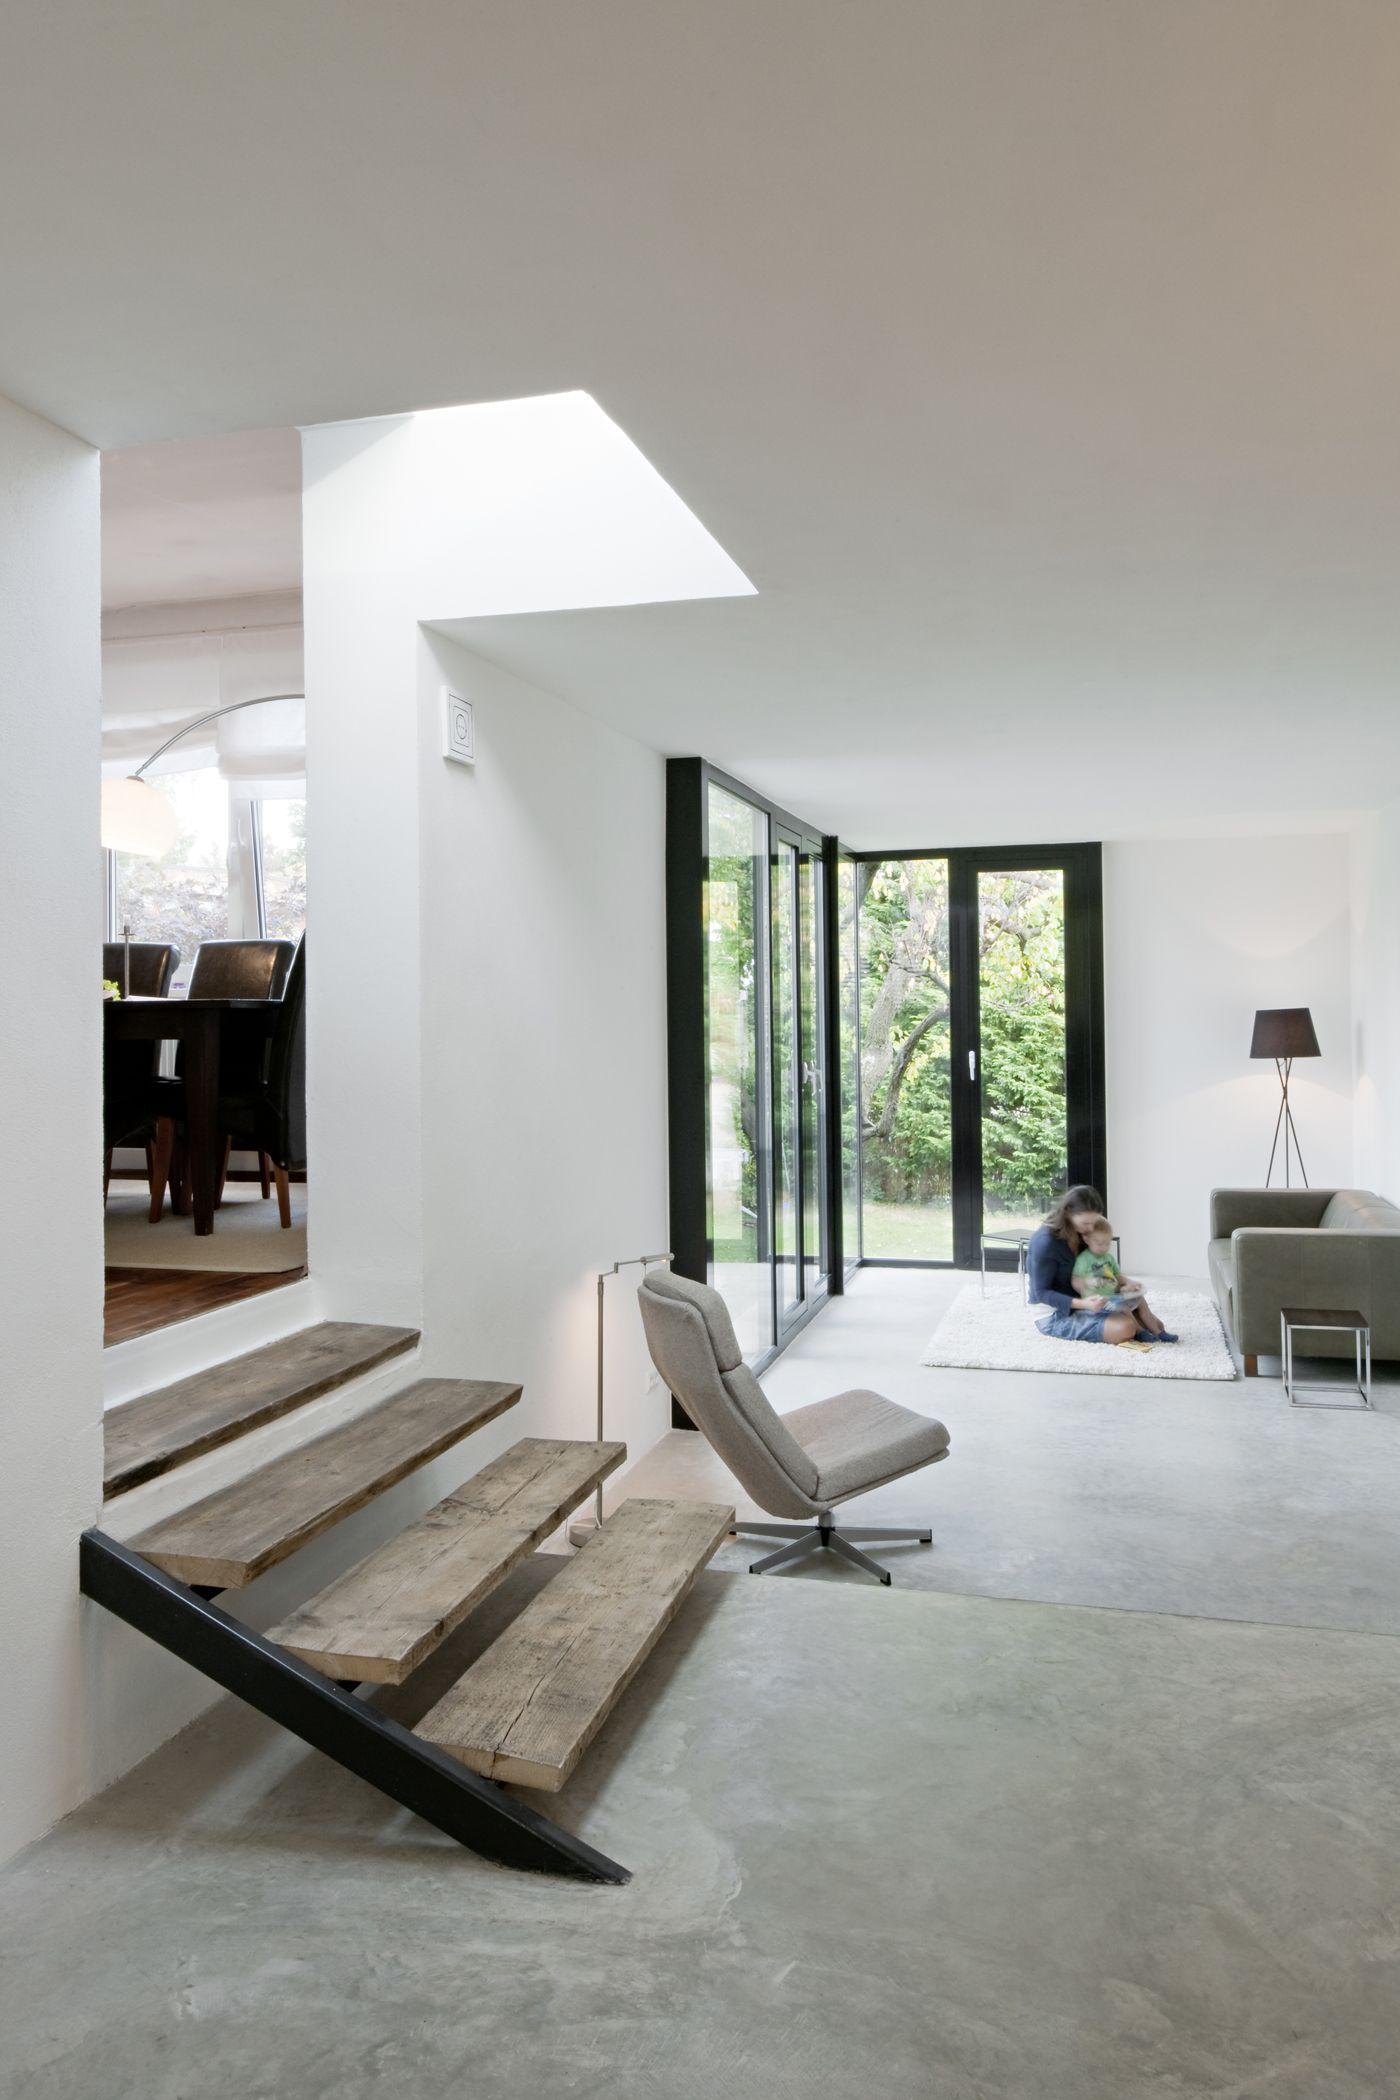 Pin von Yvonne Schoutrop auf Arquitecture   The Woodhaus®   Wohnen ...